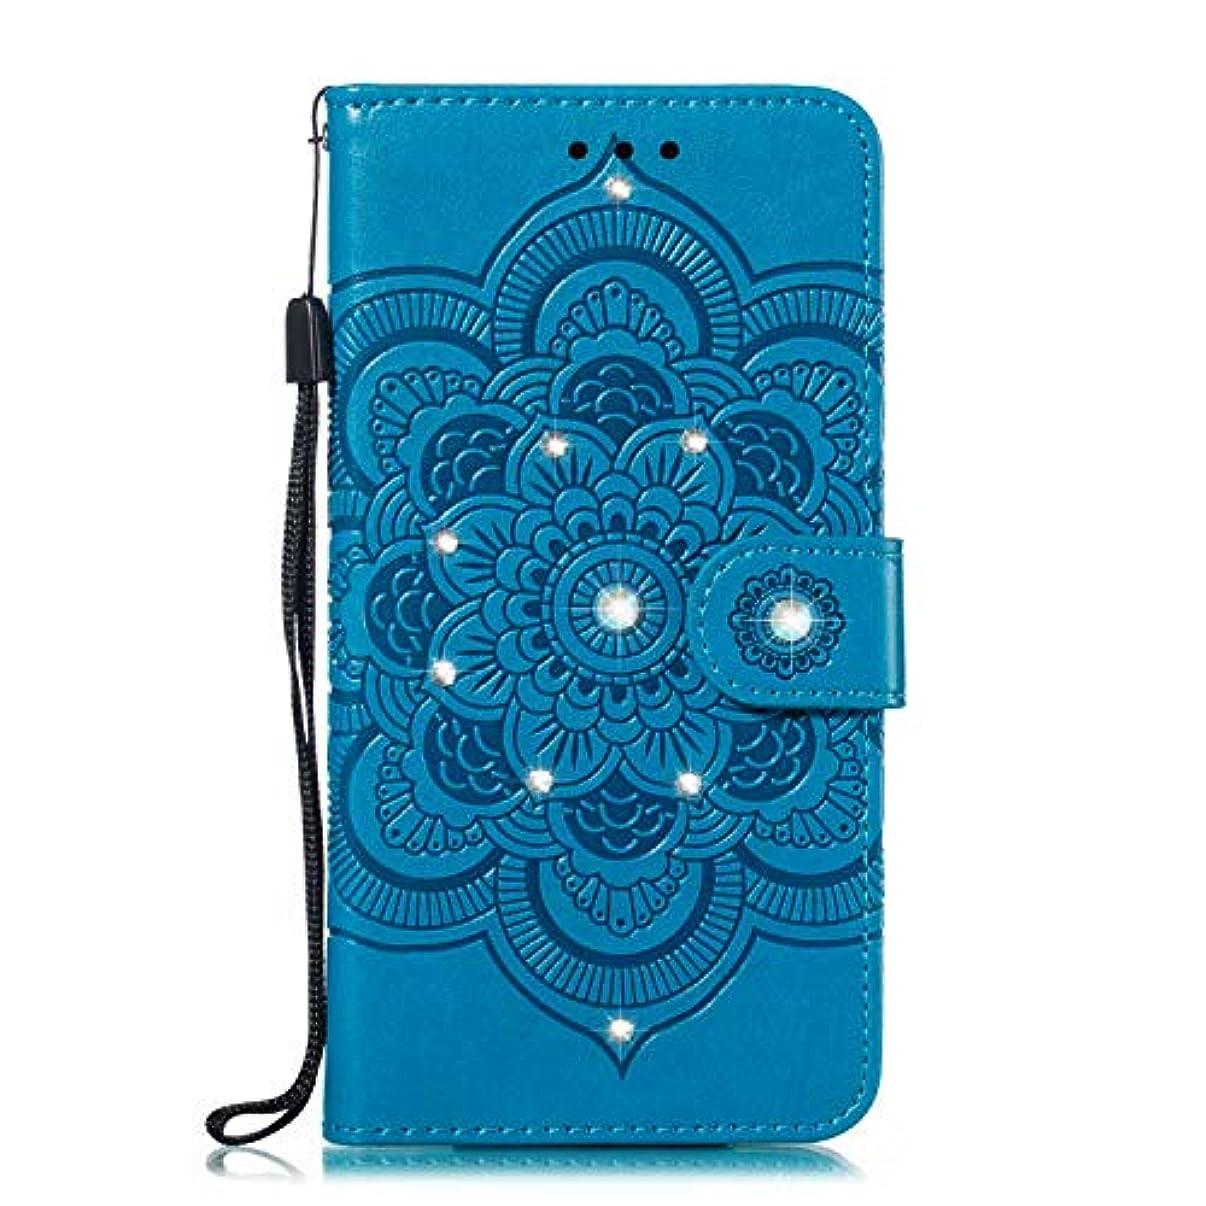 側青写真糸CUNUS 高品質 合皮レザー ケース Huawei Honor 10i 用, 防塵 ケース, 軽量 スタンド機能 耐汚れ カード収納 カバー, ブルー